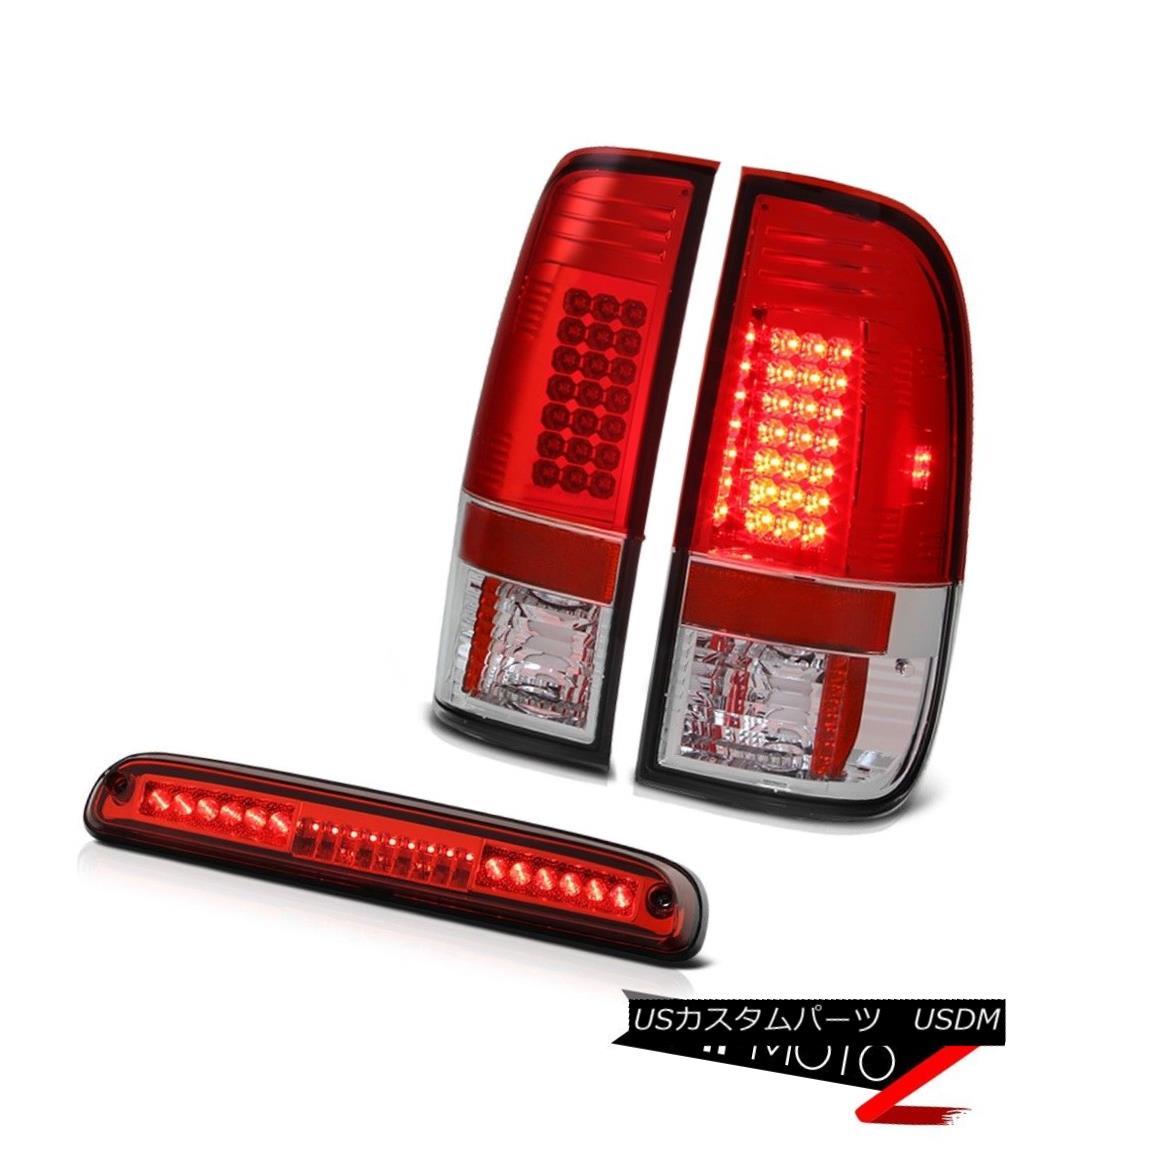 テールライト 2008-2010 Ford F250 SuperDuty 6.3L LED Parking Signal Tail Lights 3rd Brake Red 2008-2010 Ford F250 SuperDuty 6.3L LEDパーキング信号テールランプ第3ブレーキレッド